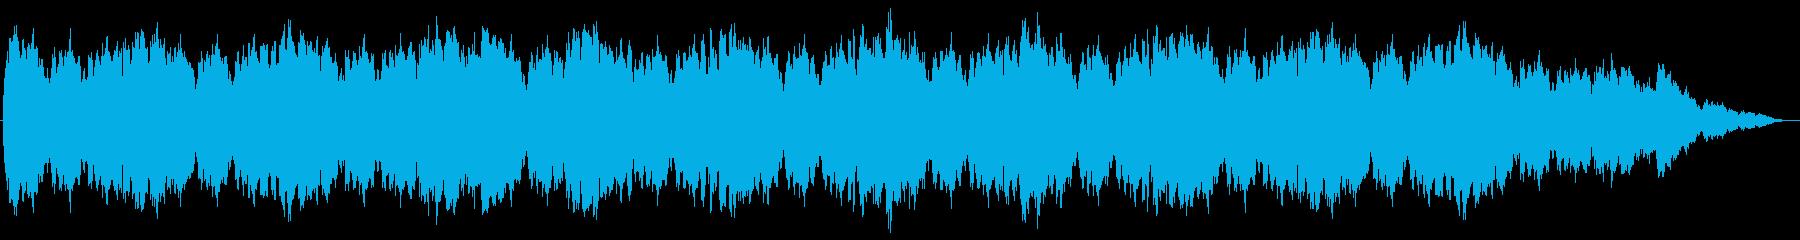 スロウテンポ、苦悩を描いたピアノ曲の再生済みの波形